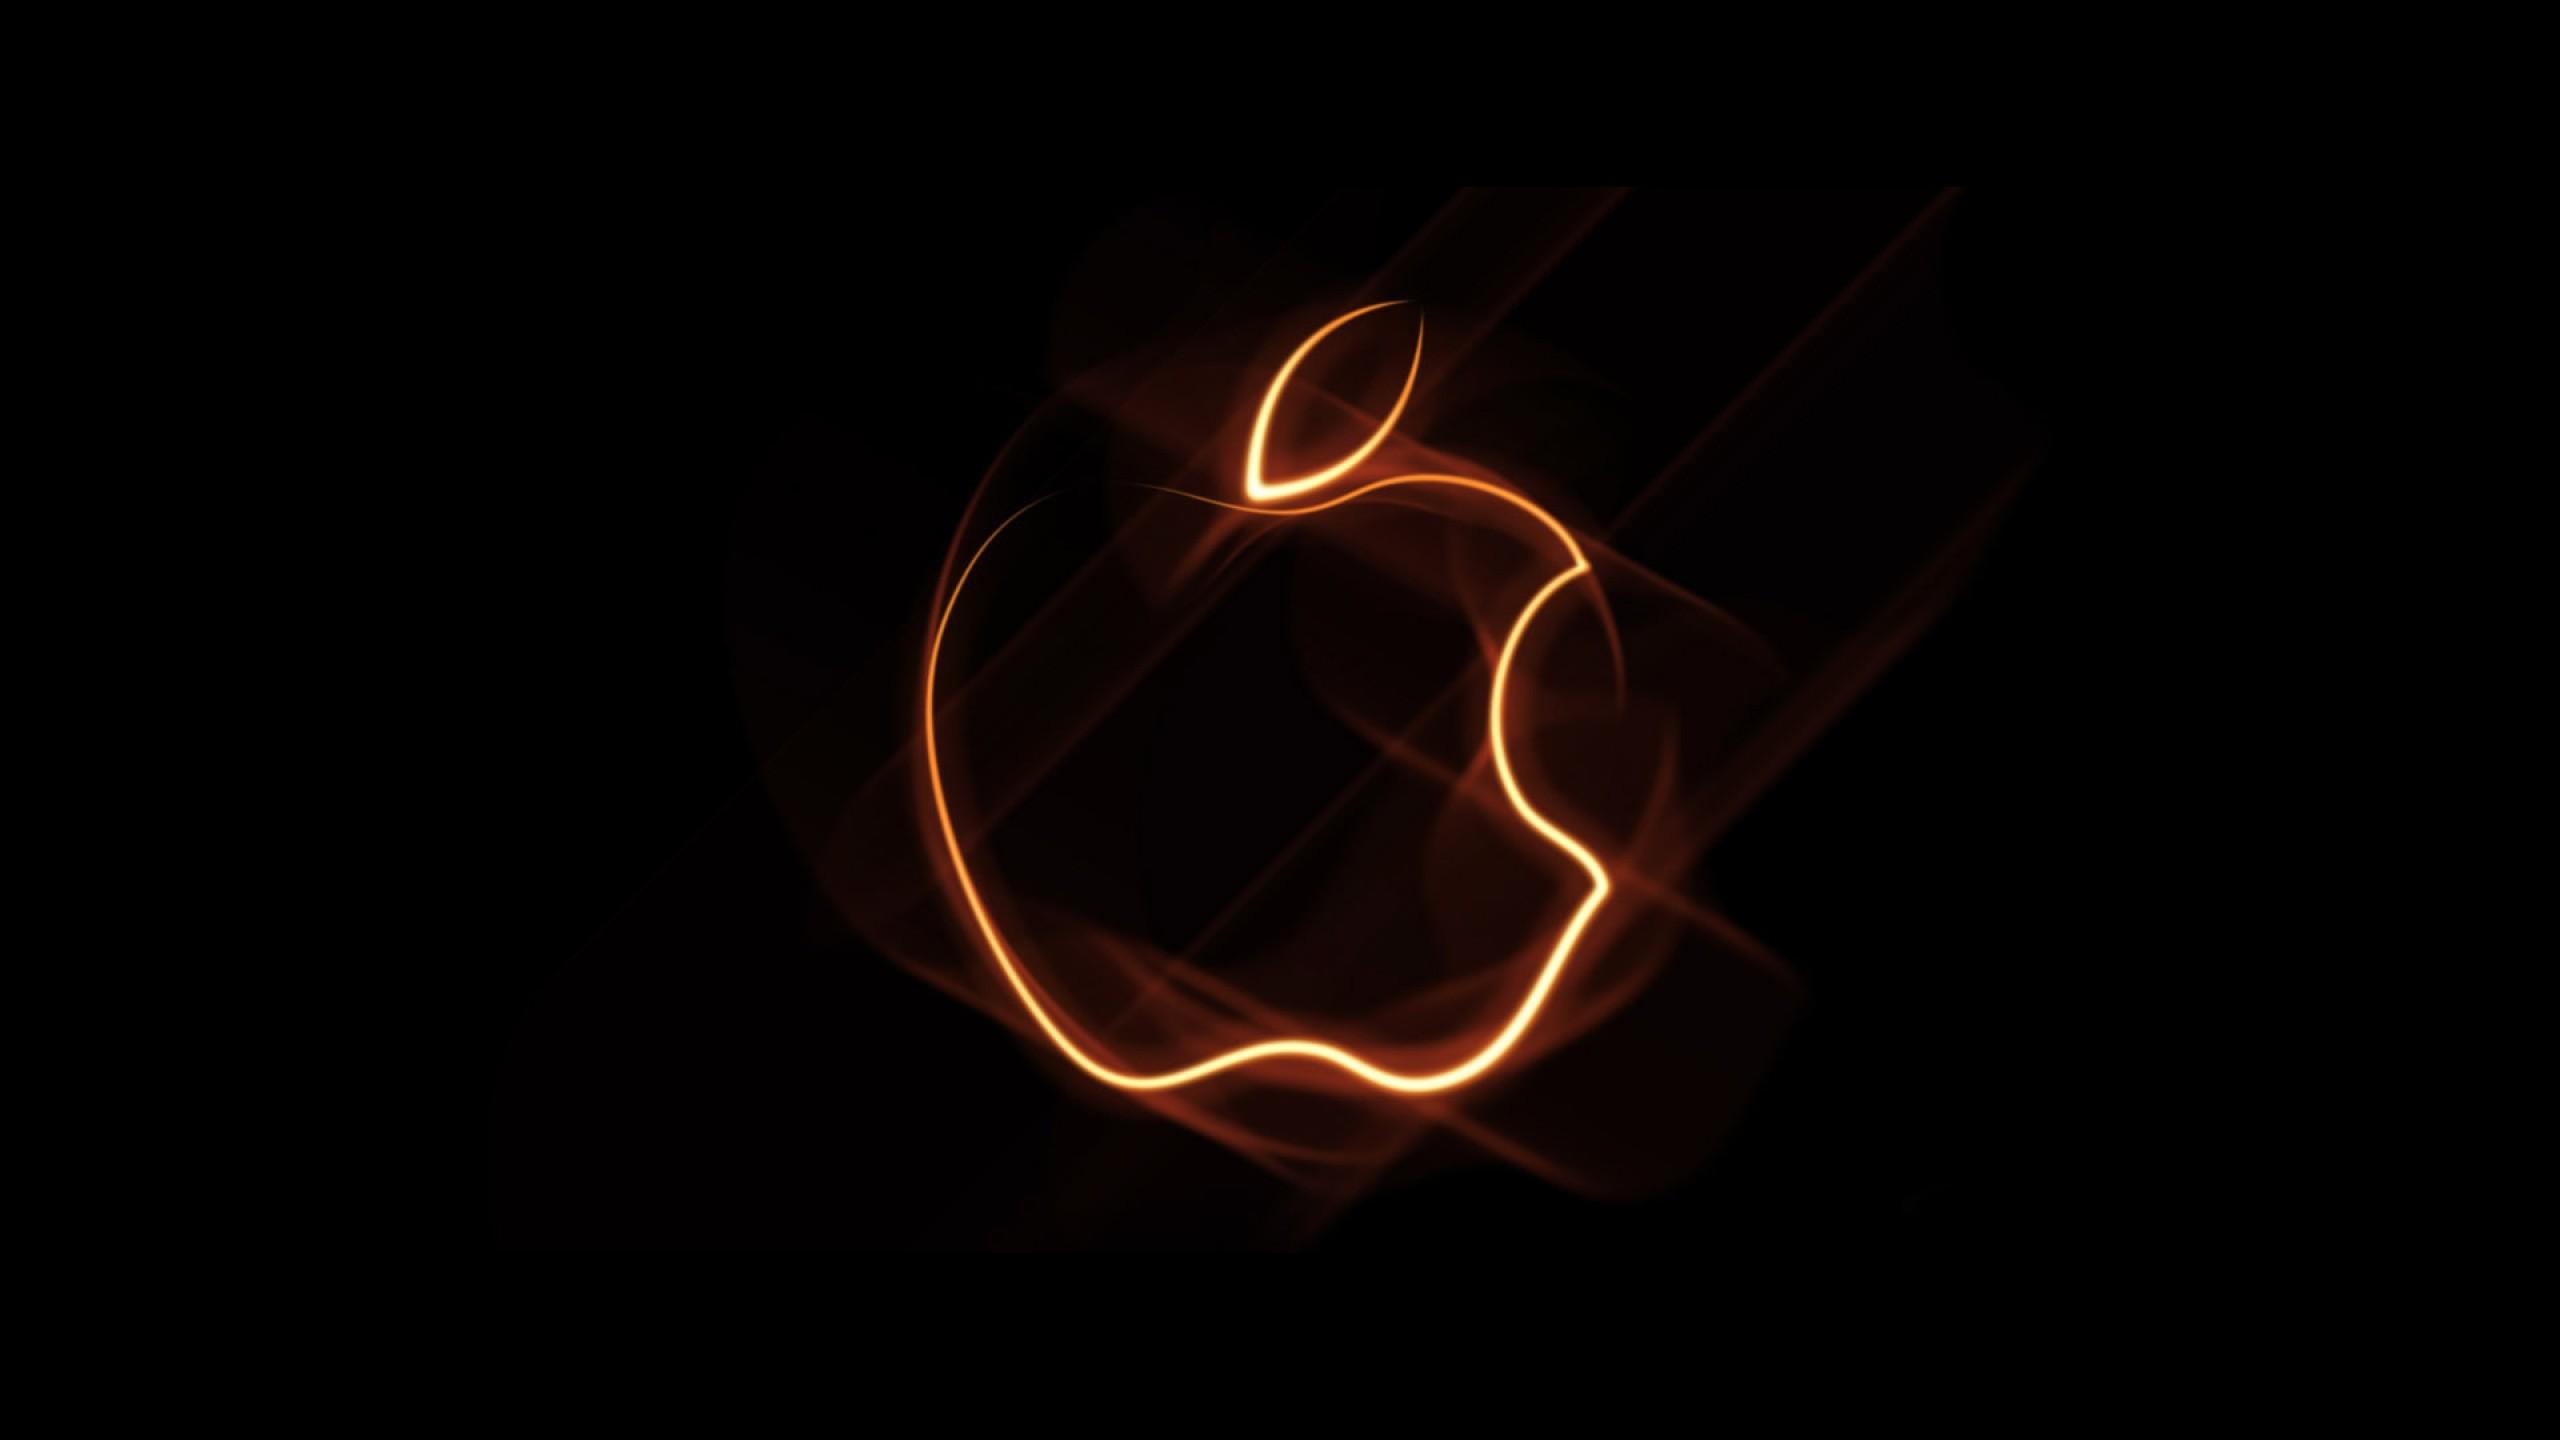 Orange Outline Apple Logo Wallpaper For Desktop And Mobiles Youtube Cover Photo Hd Wallpaper